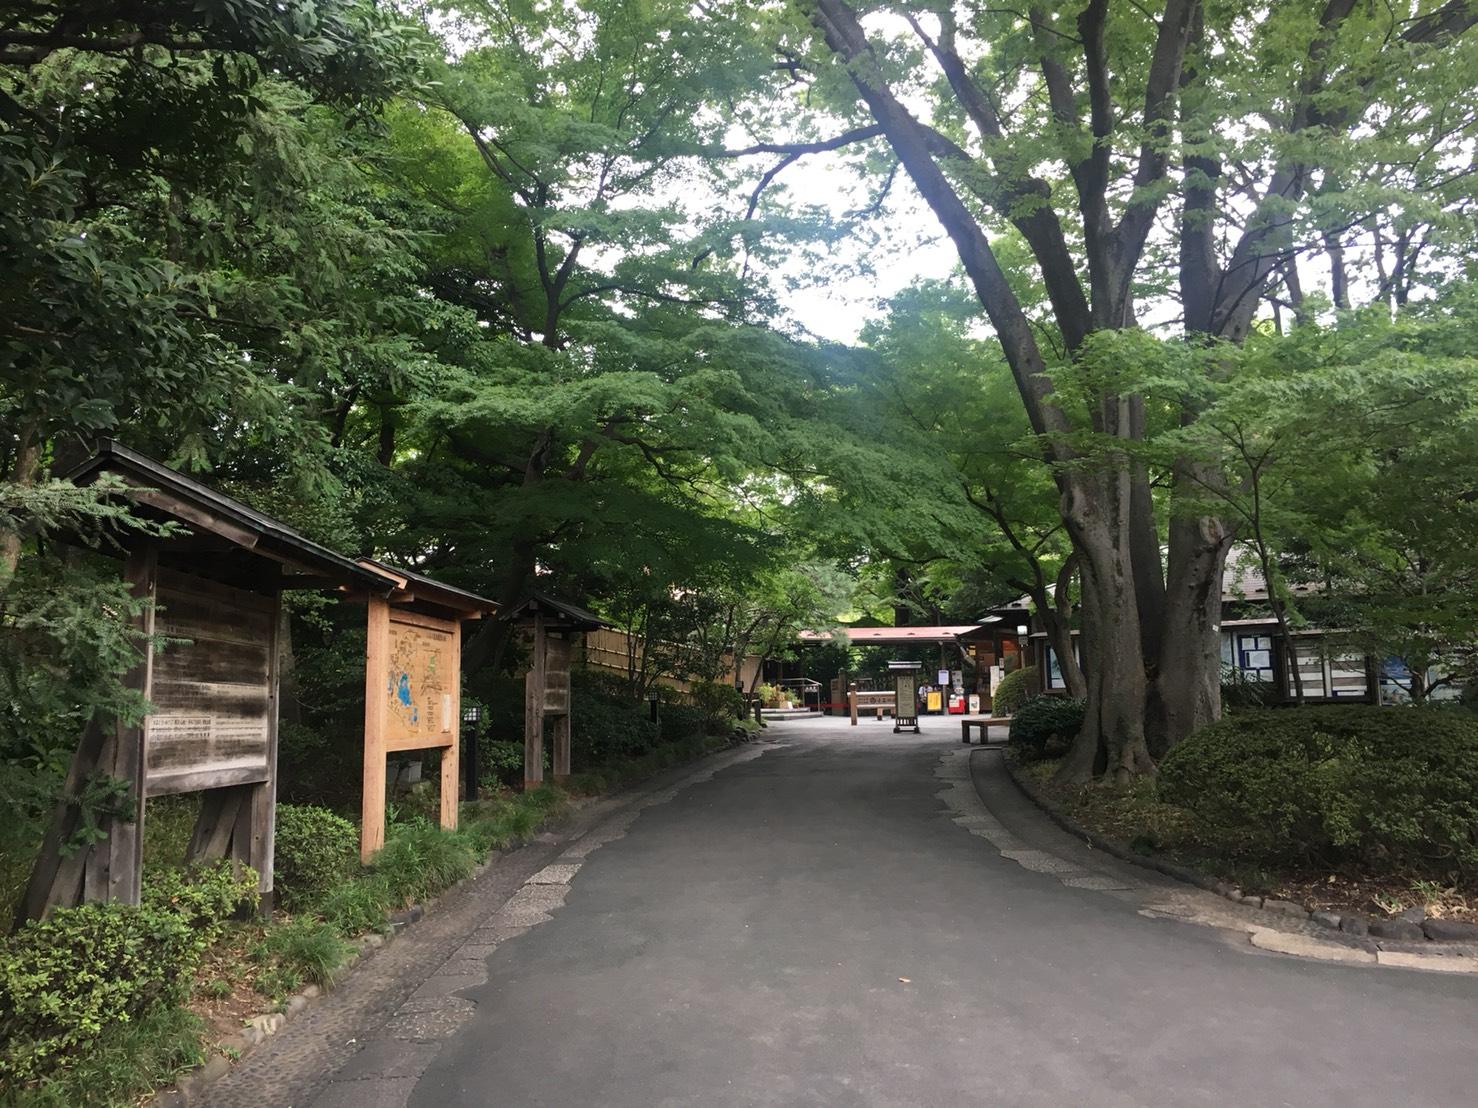 【飯田橋駅】江戸時代の中国趣味豊かな景観で一句「小石川後楽園」の小石川後楽園の出入口から入った道